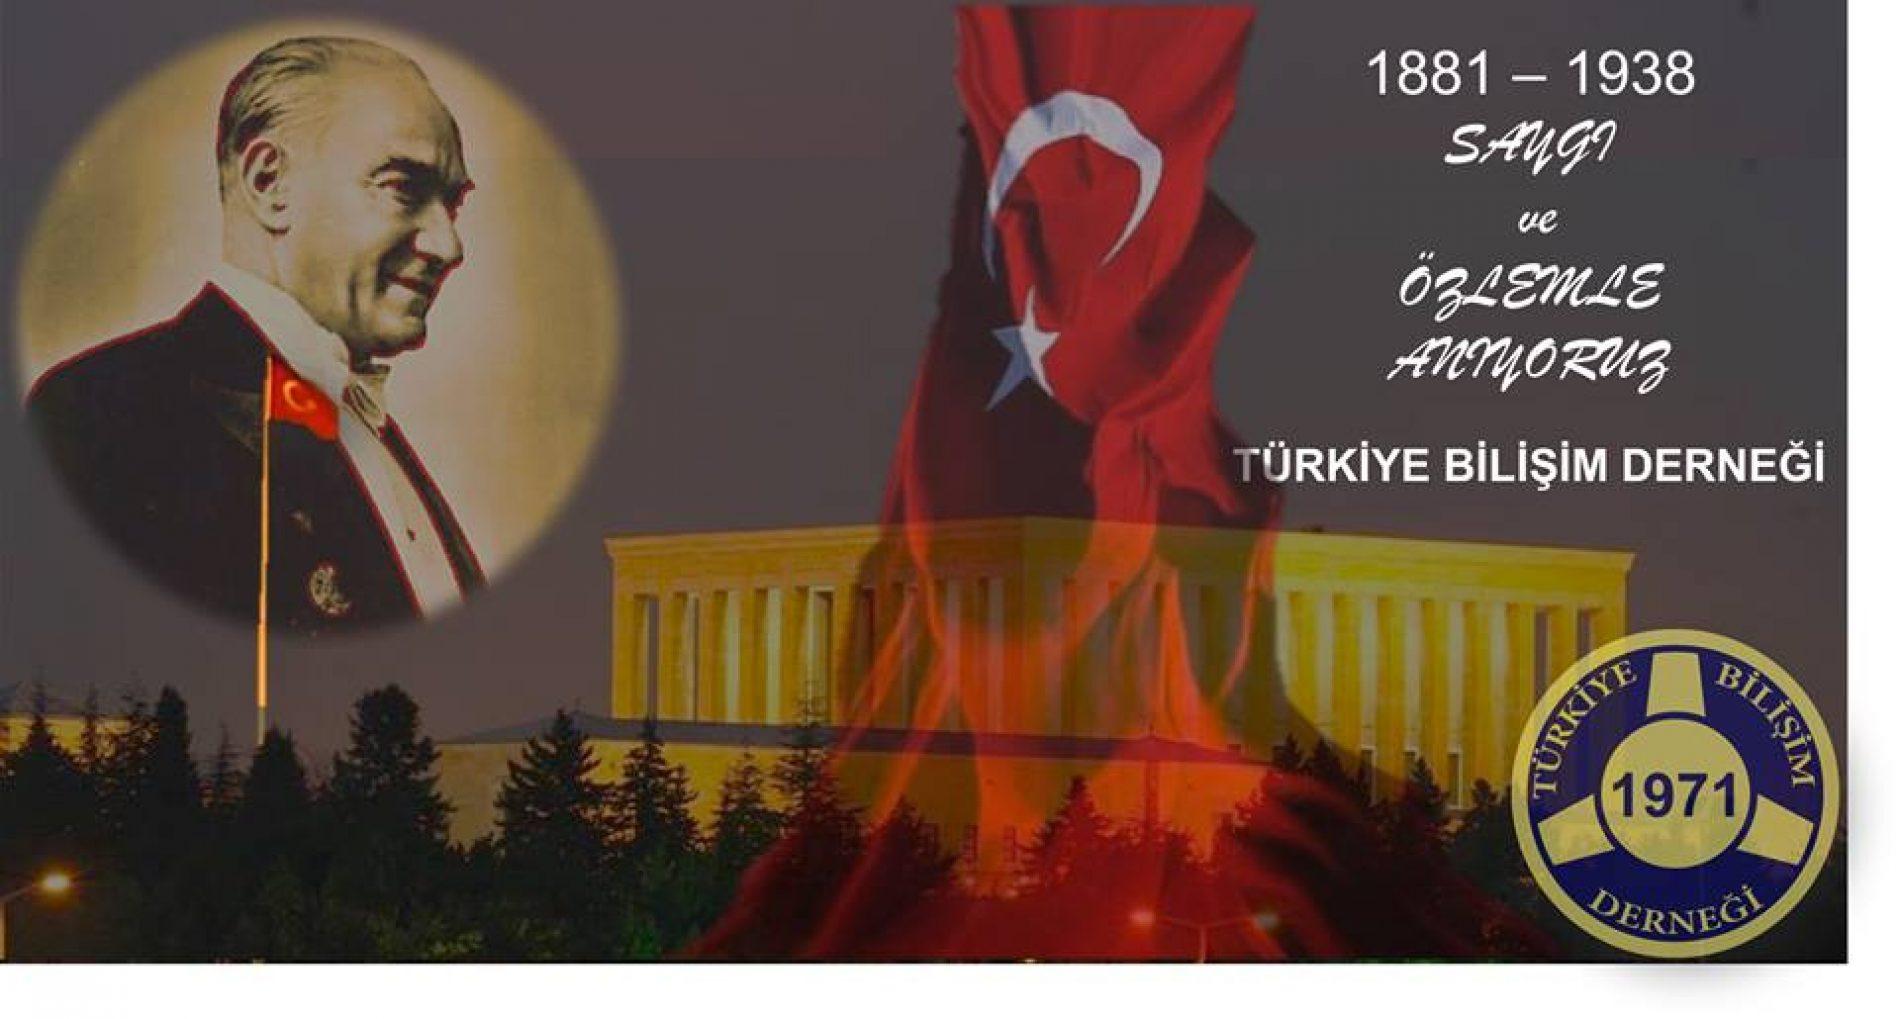 Ulu Önder Atatürk'ü Saygı ve Rahmetle Anıyoruz.